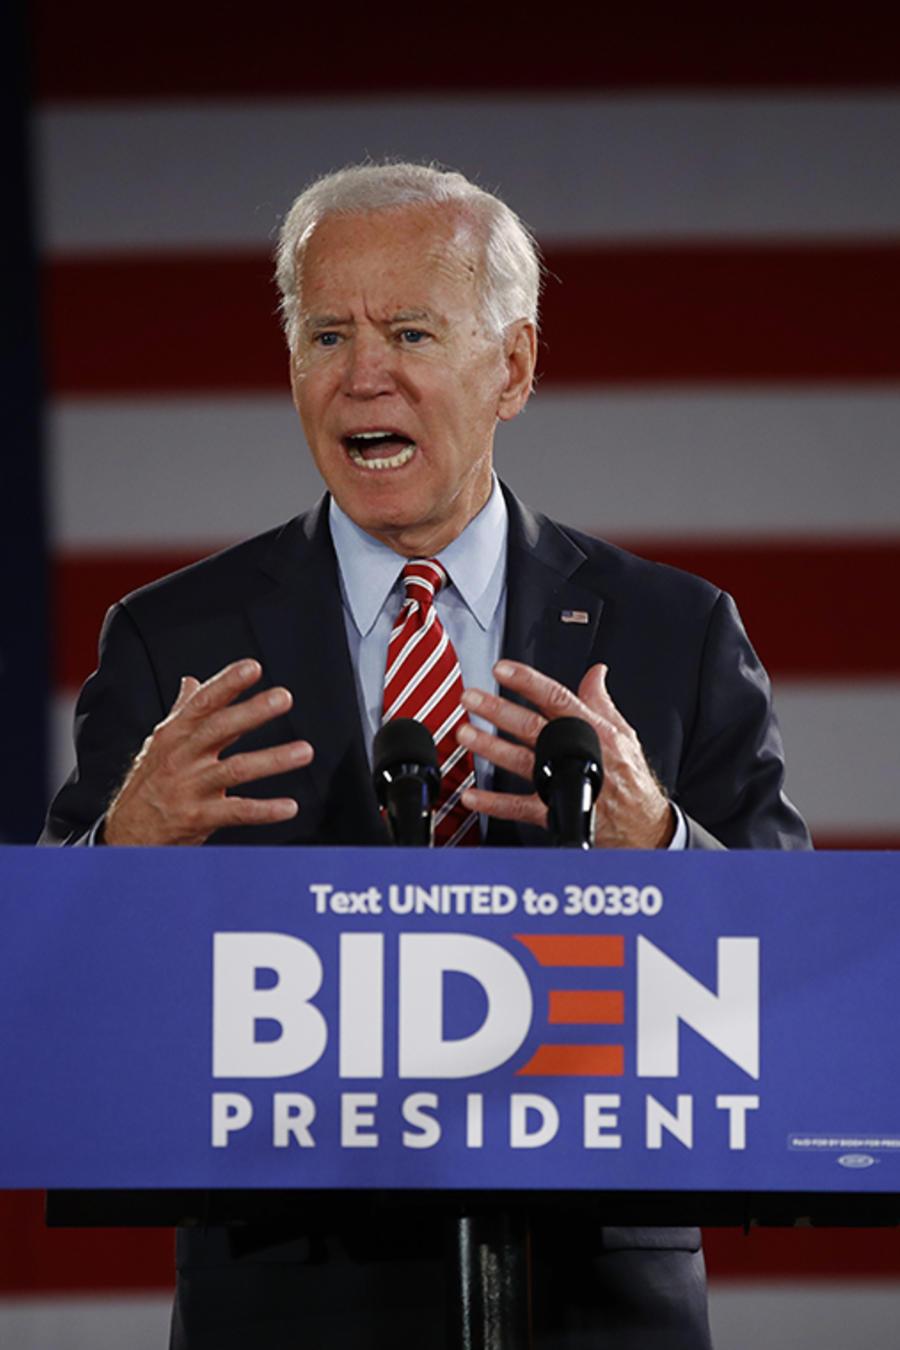 El precandidato demócrata y ex vicepresidente Joe Biden durante una charla en Scranton, Pensilvania.